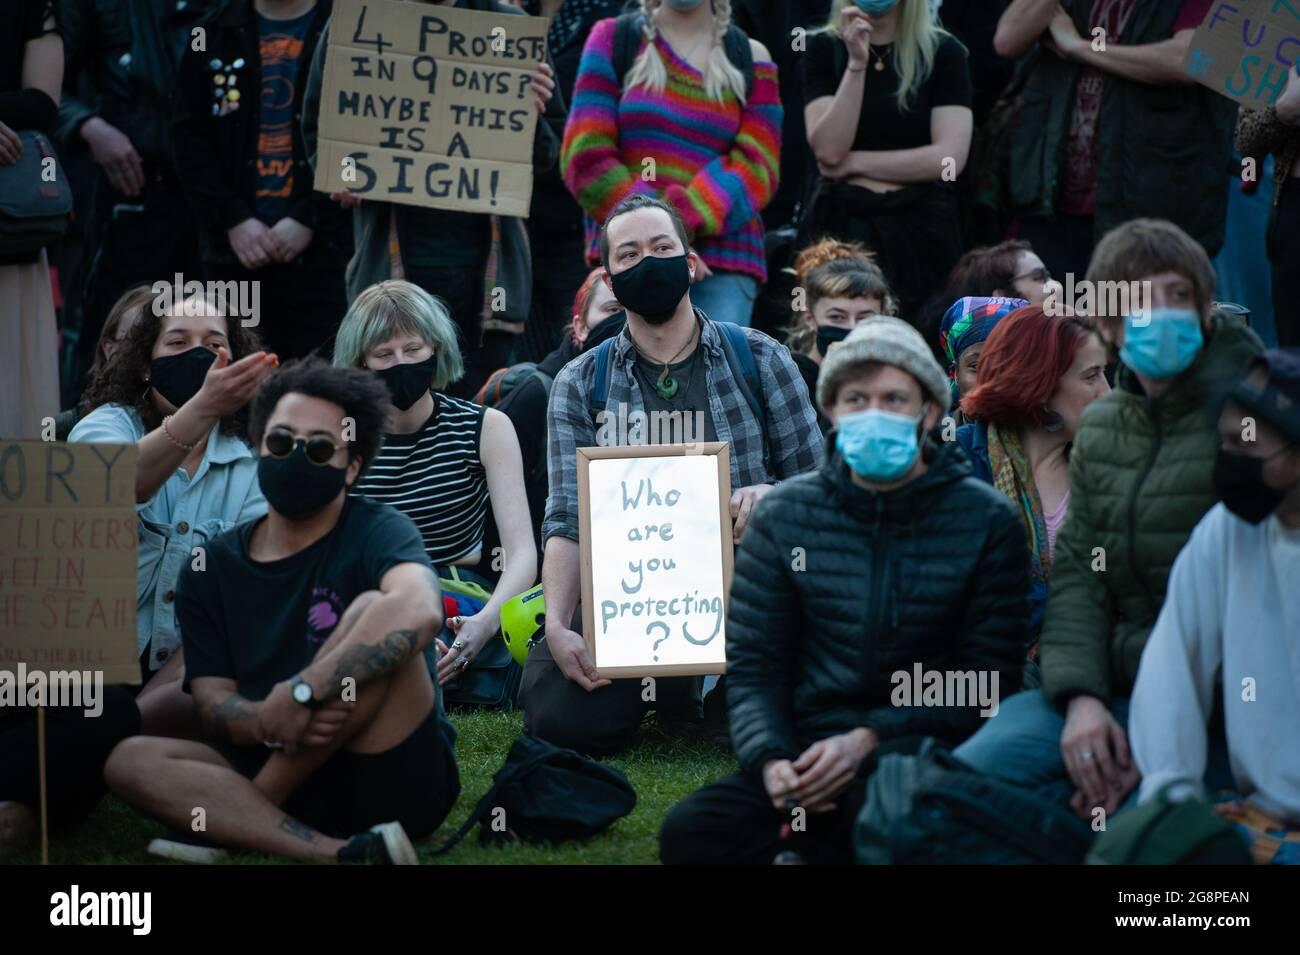 Bristol, Reino Unido. 30th de marzo de 2021. La cuarta protesta de Bristol contra la ley de policía y crimen tiene lugar en College Green en el centro de la ciudad suroeste. Aproximadamente 500 manifestantes han resultado hasta ahora, escuchando discursos mientras la policía mantiene un perfil bajo. Foto de stock